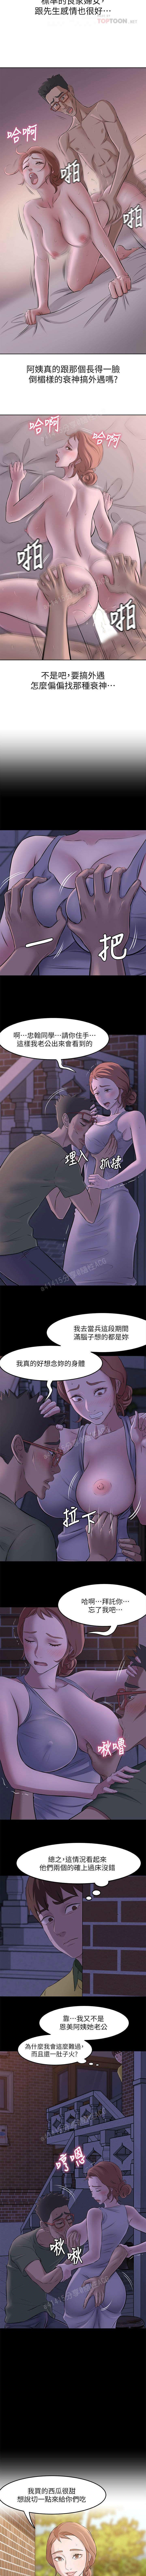 panty note 小褲褲筆記 小裤裤笔记 01-35 连载中 中文 重新排序 Reorder 13